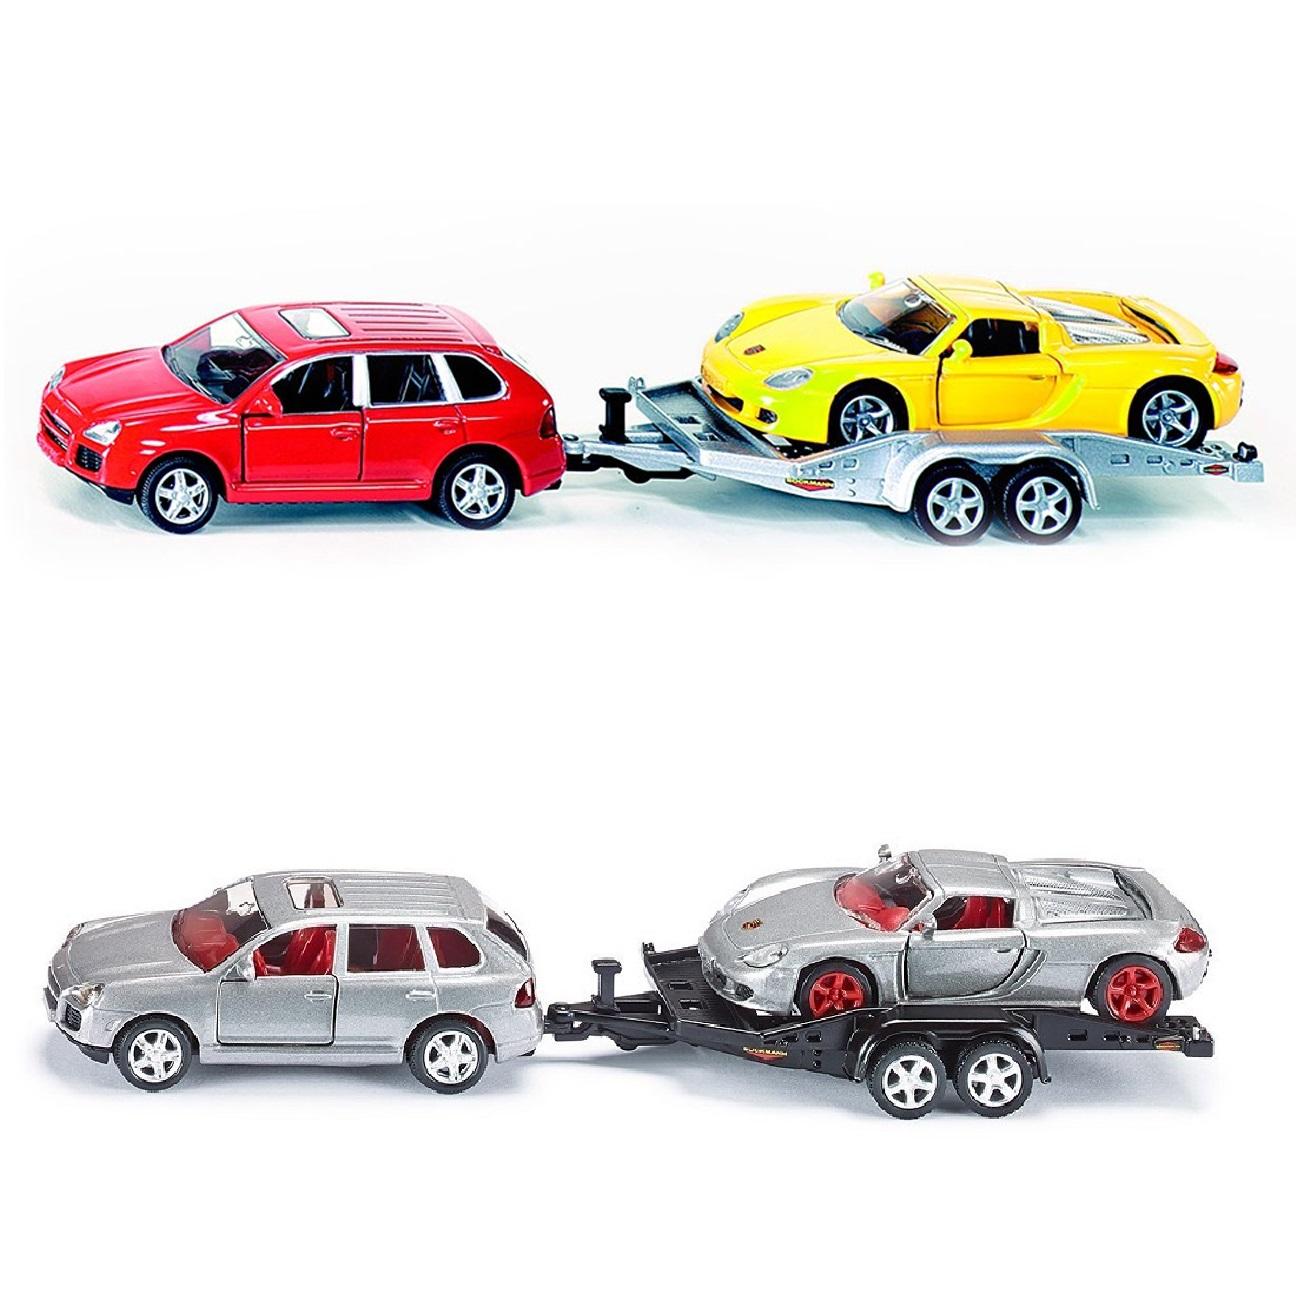 Купить Модель автомобиля Porsche Cayenne Turbo с прицепом и спортивной машиной, 1:55, Siku